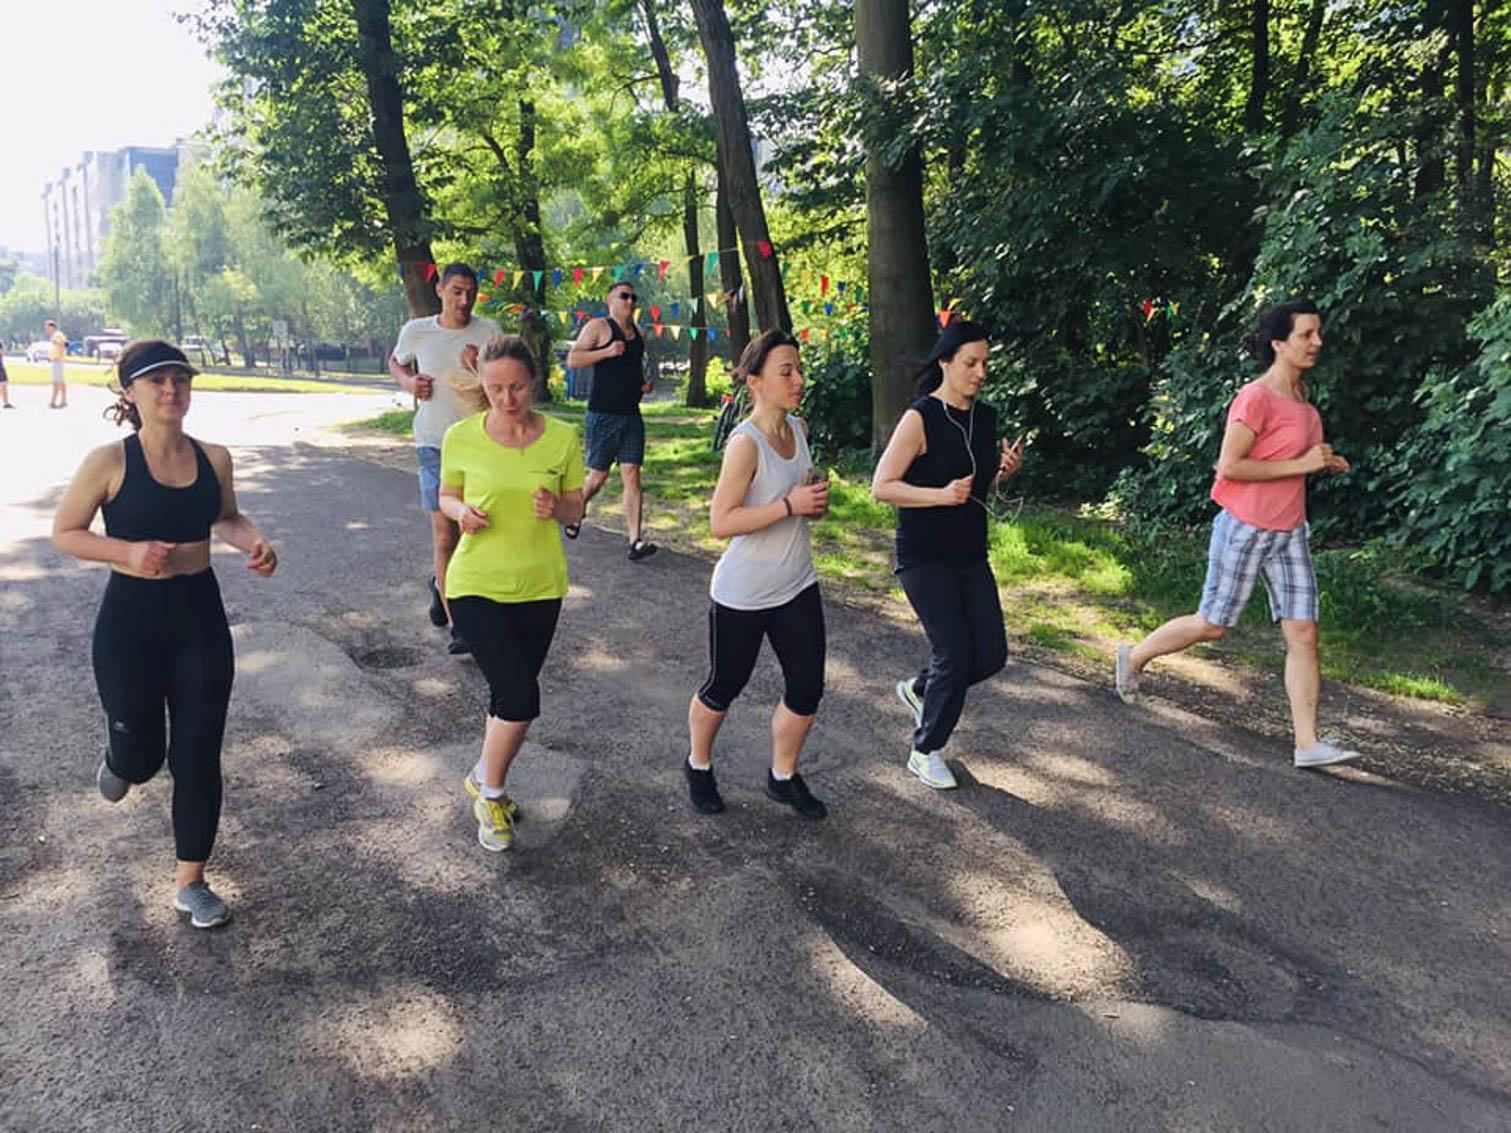 Сихівчан запрошують на забіг «2 кілометри здоров'я» в парк імені Івана Павла II